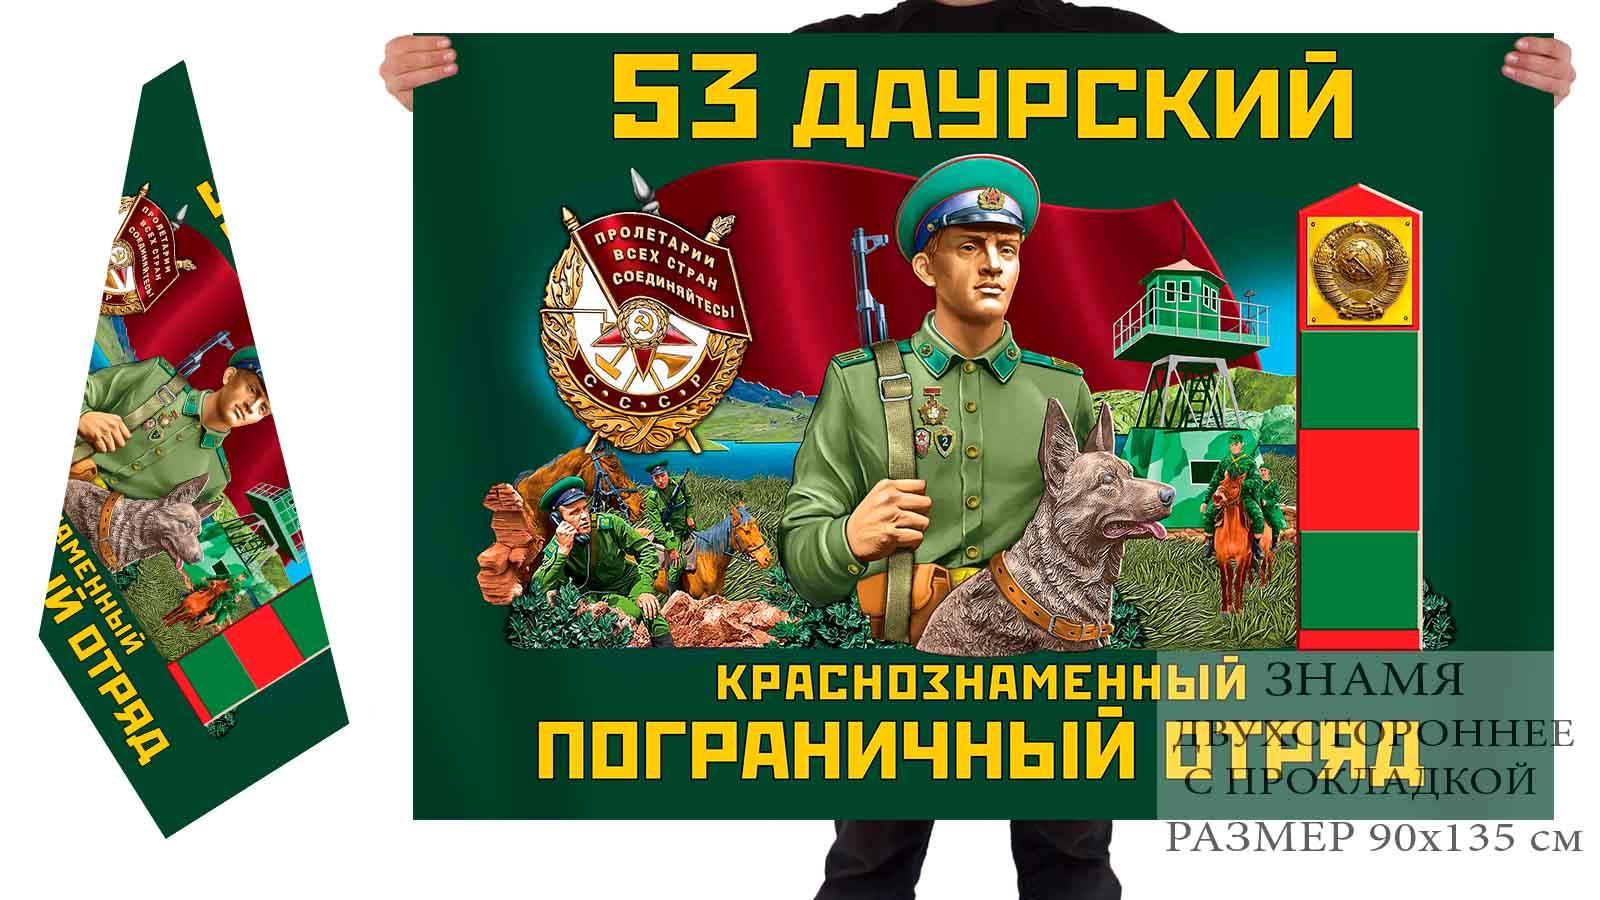 Двусторонний флаг 53 Даурского Краснознамённого погранотряда